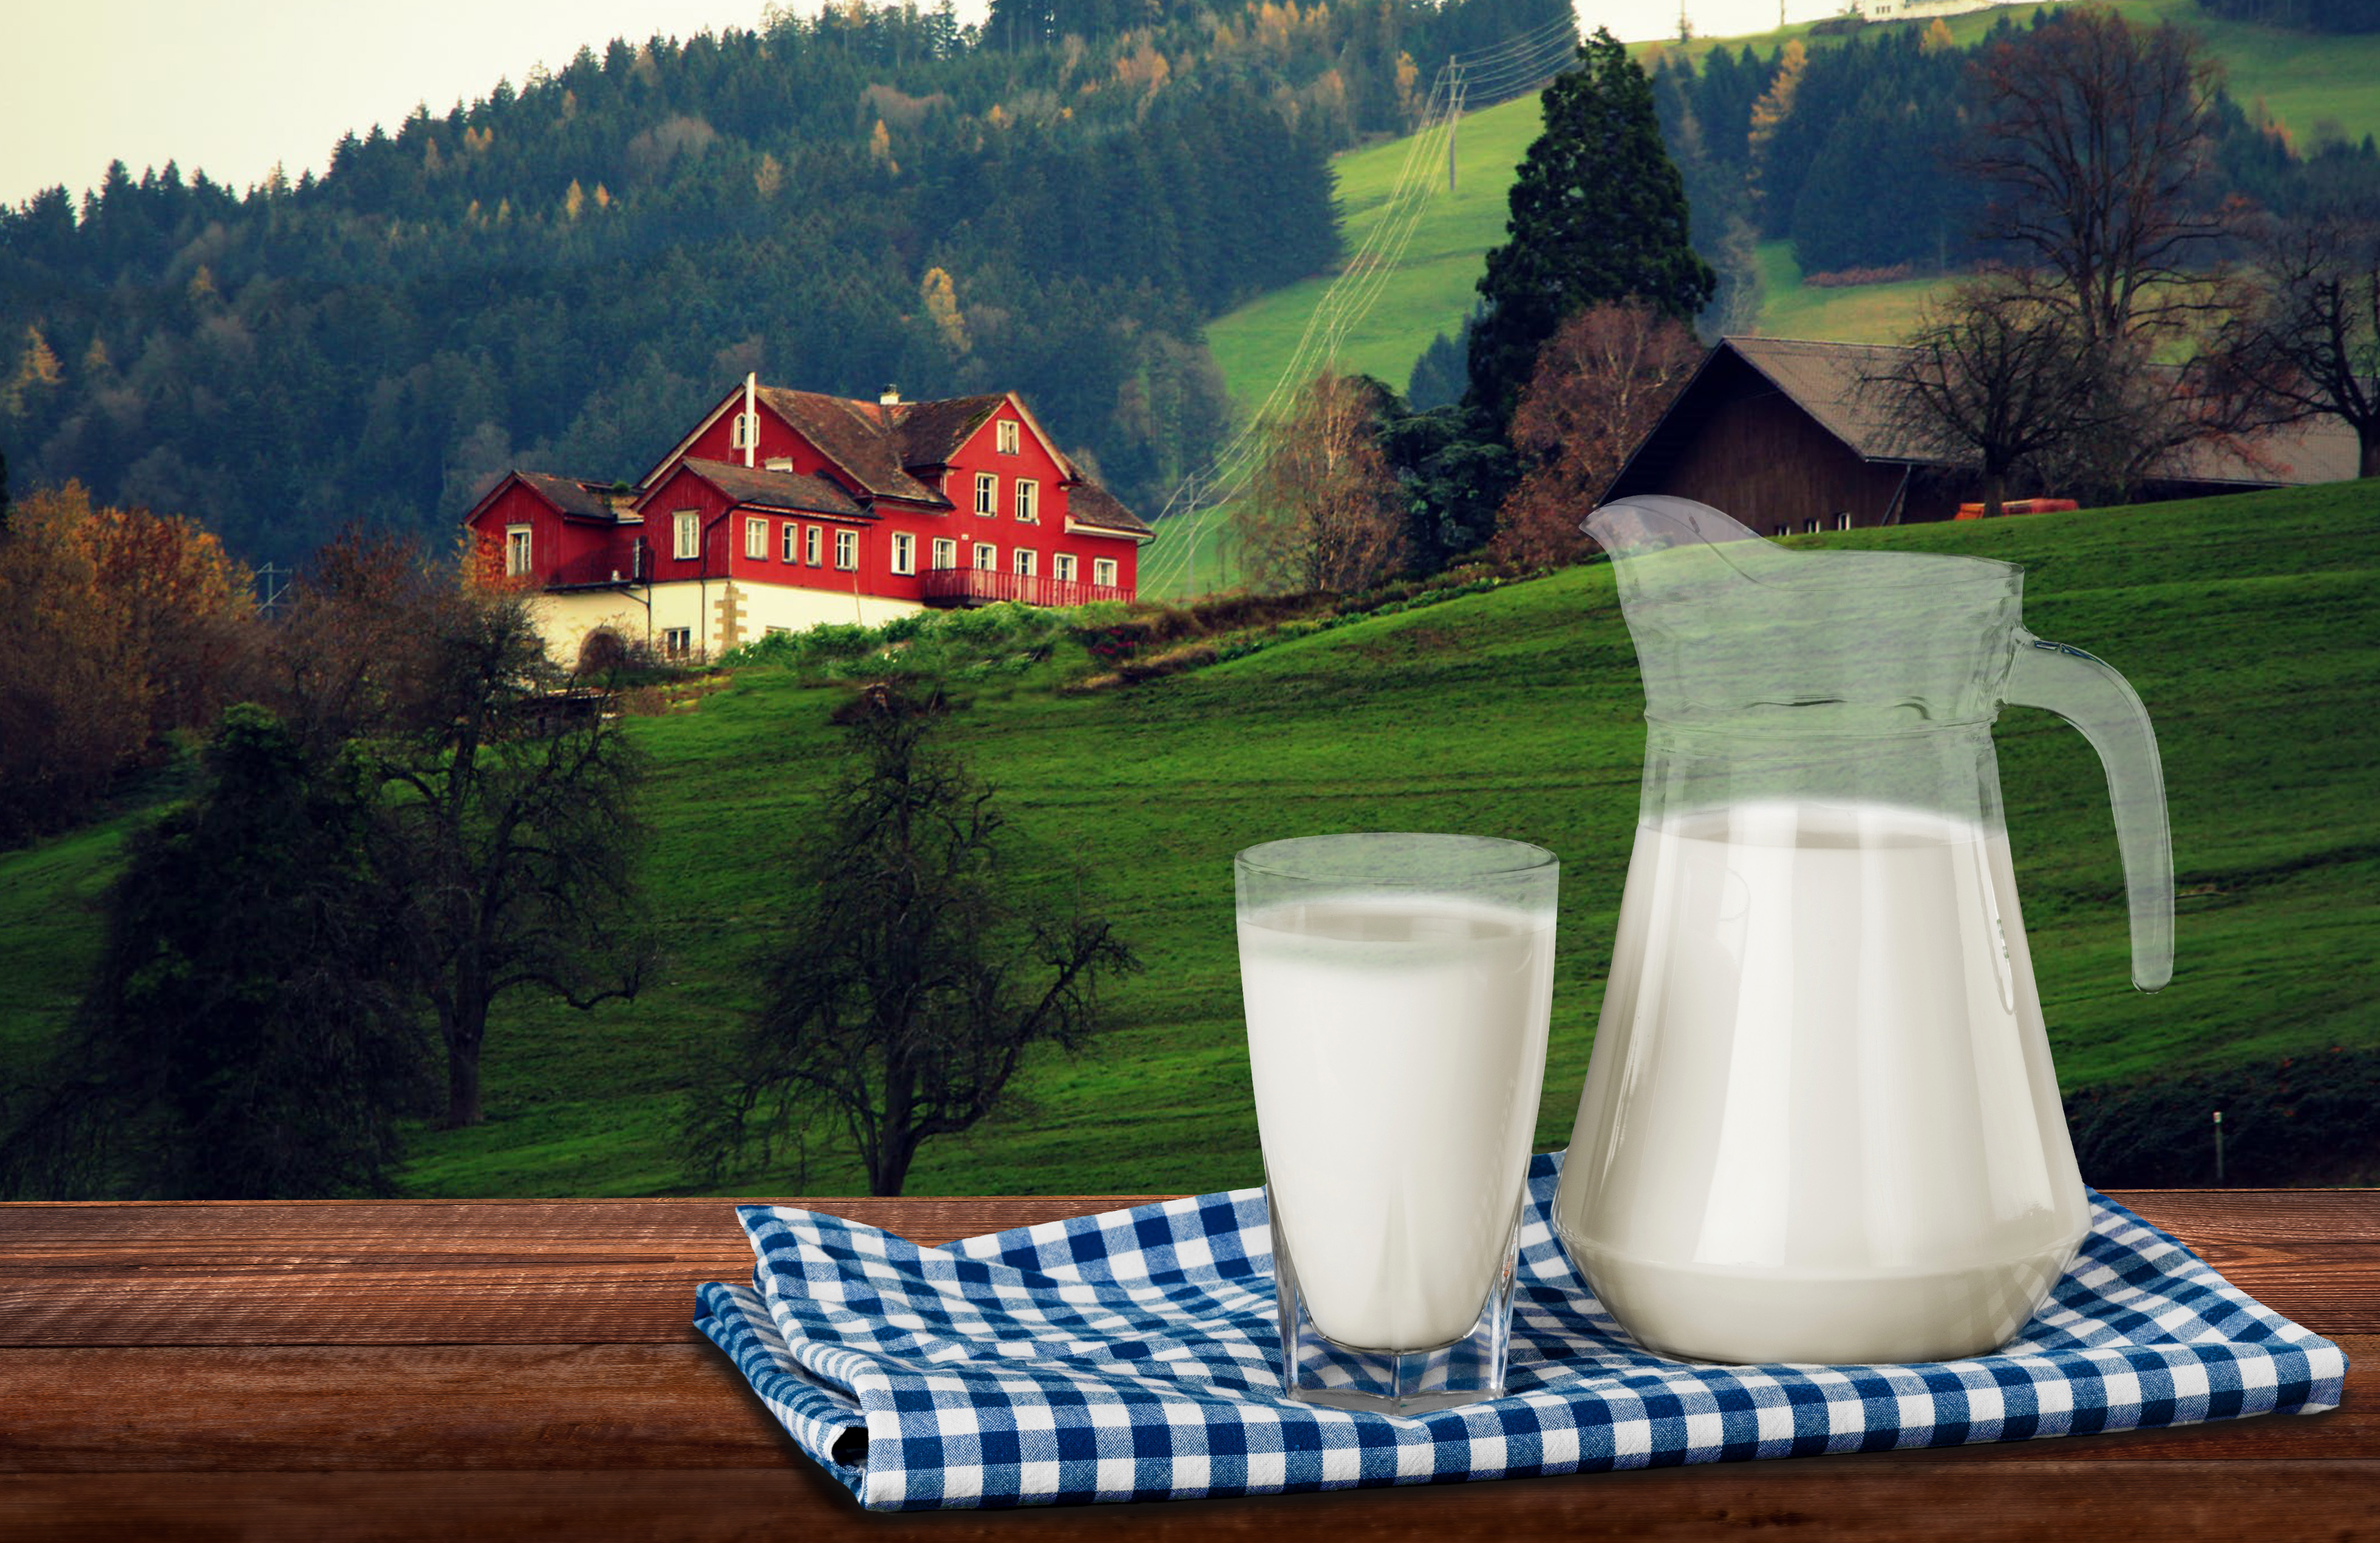 Ein Milchglas und ein Milchkrug, im Hintergrund eine typisch osteuropäische Landschaft mit einem roten Haus.